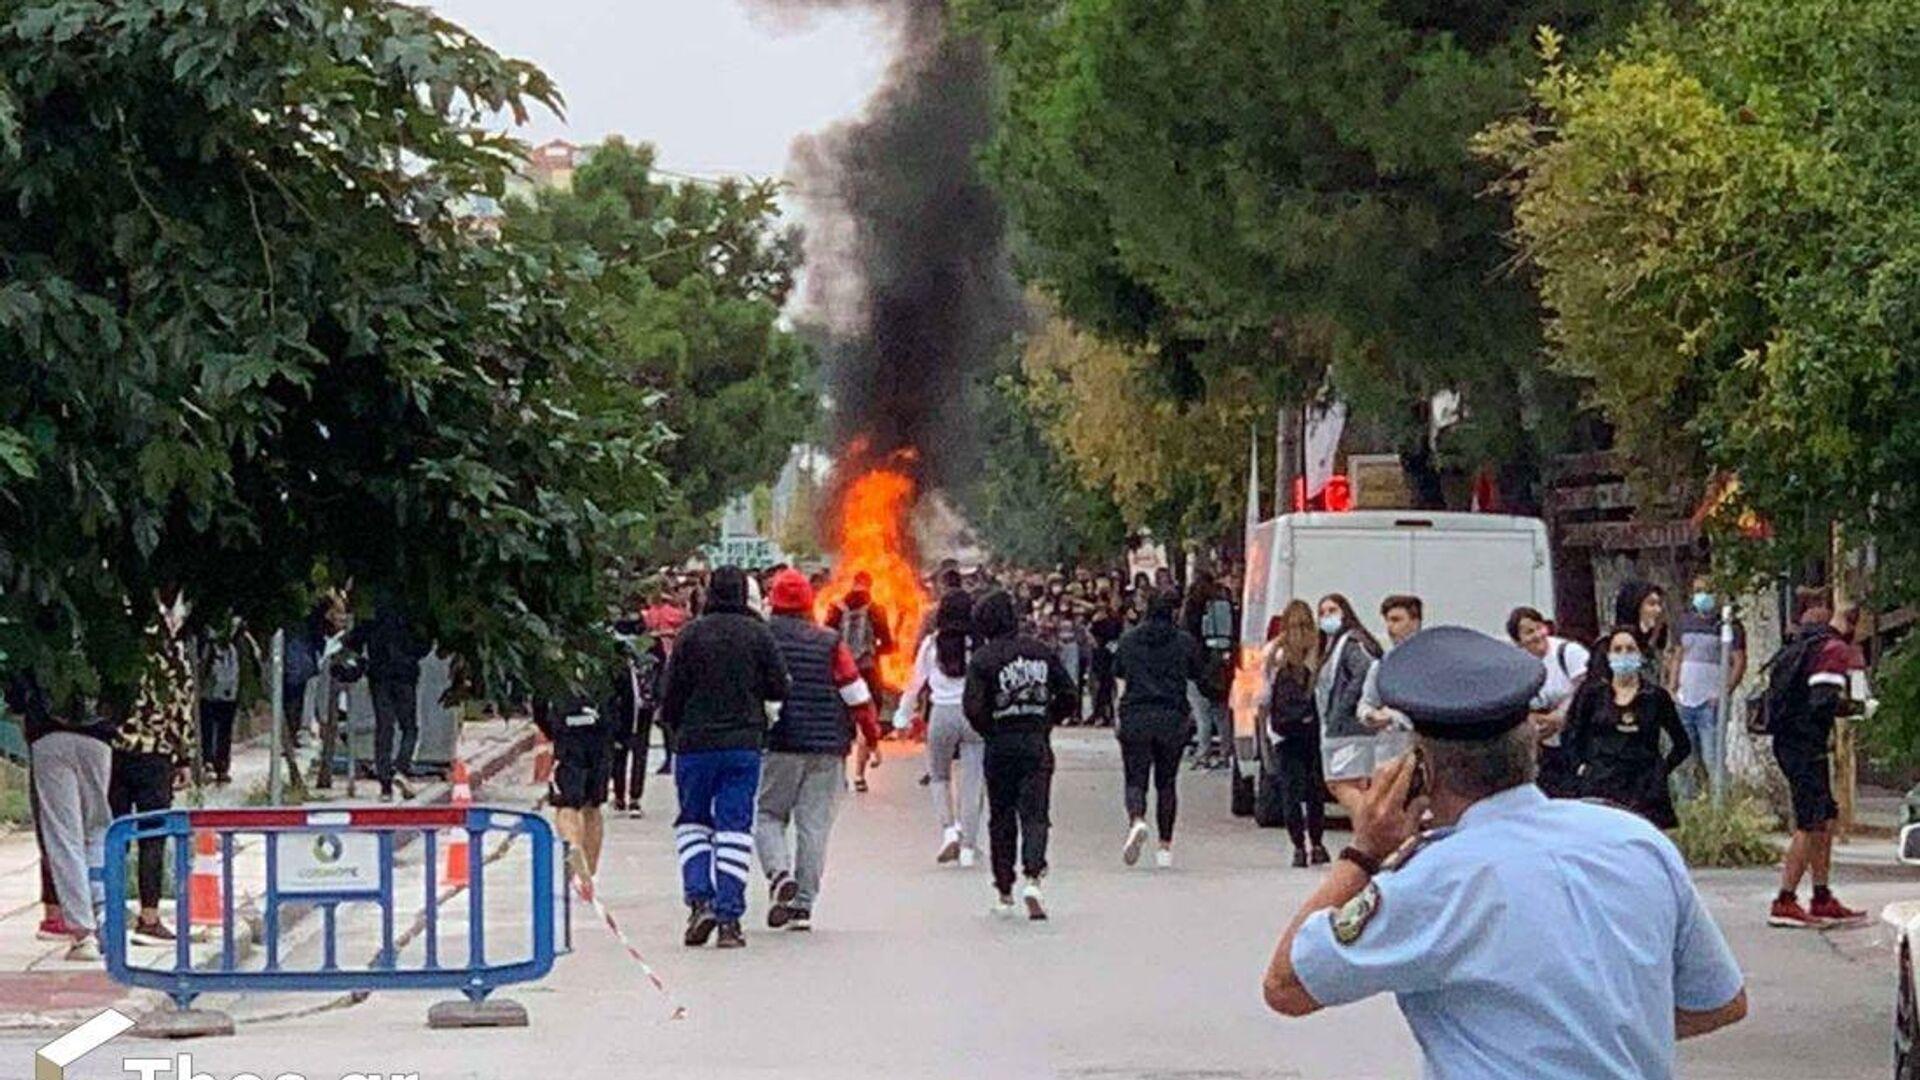 Φωτιές έξω από το ΕΠΑΛ Ευόσμου - Sputnik Ελλάδα, 1920, 30.09.2021